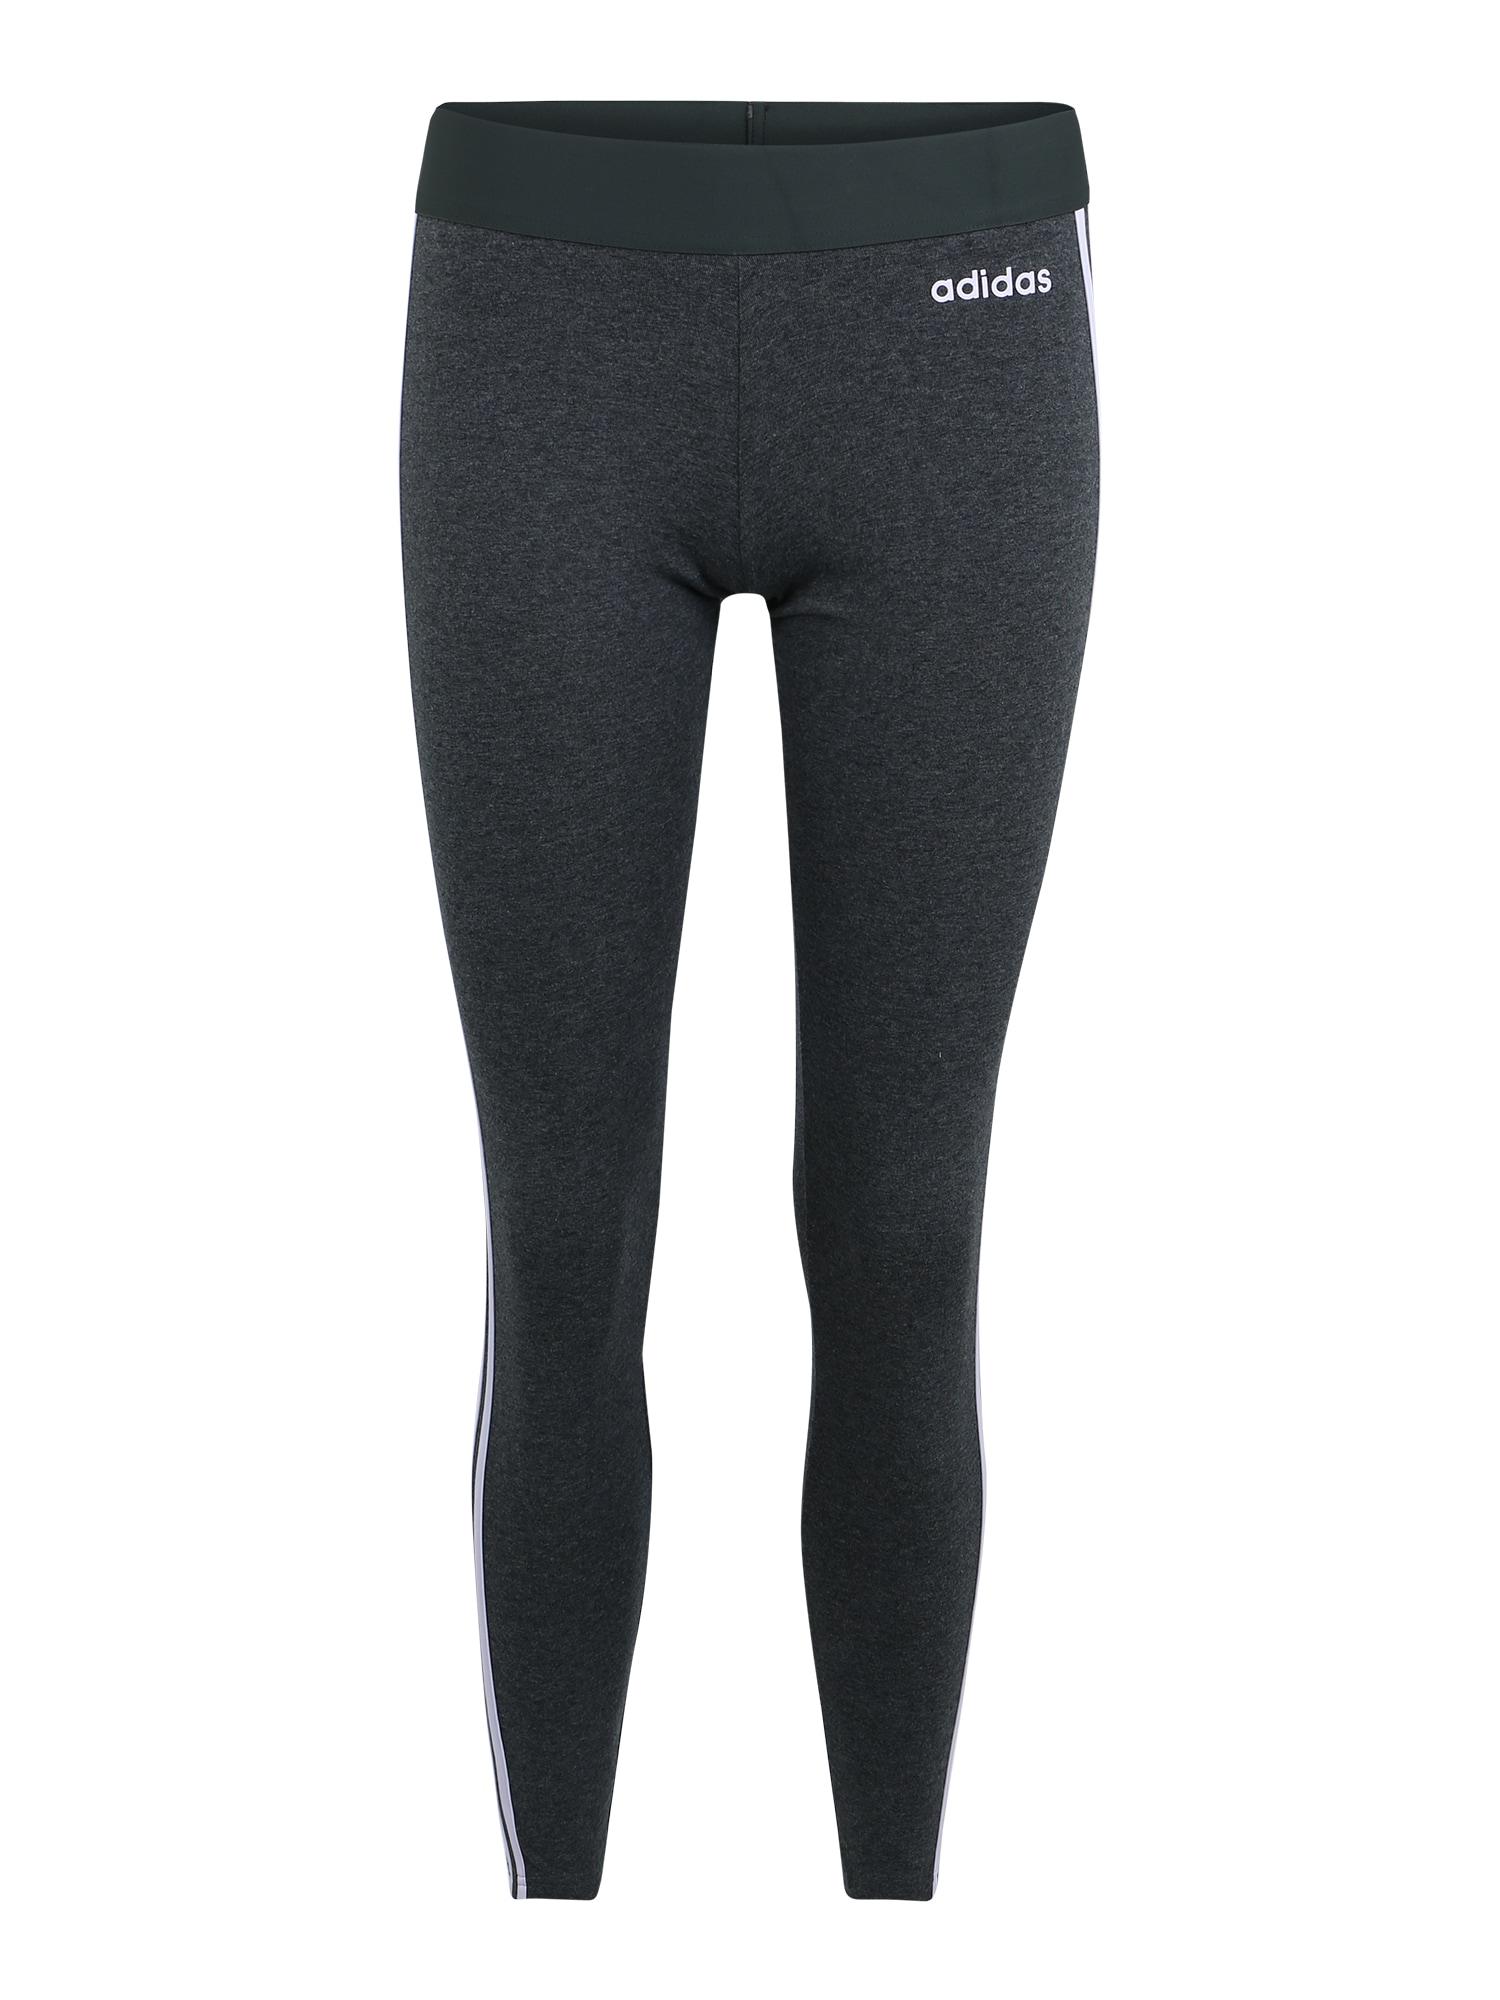 ADIDAS PERFORMANCE Sportinės kelnės 'W E 3S' tamsiai pilka